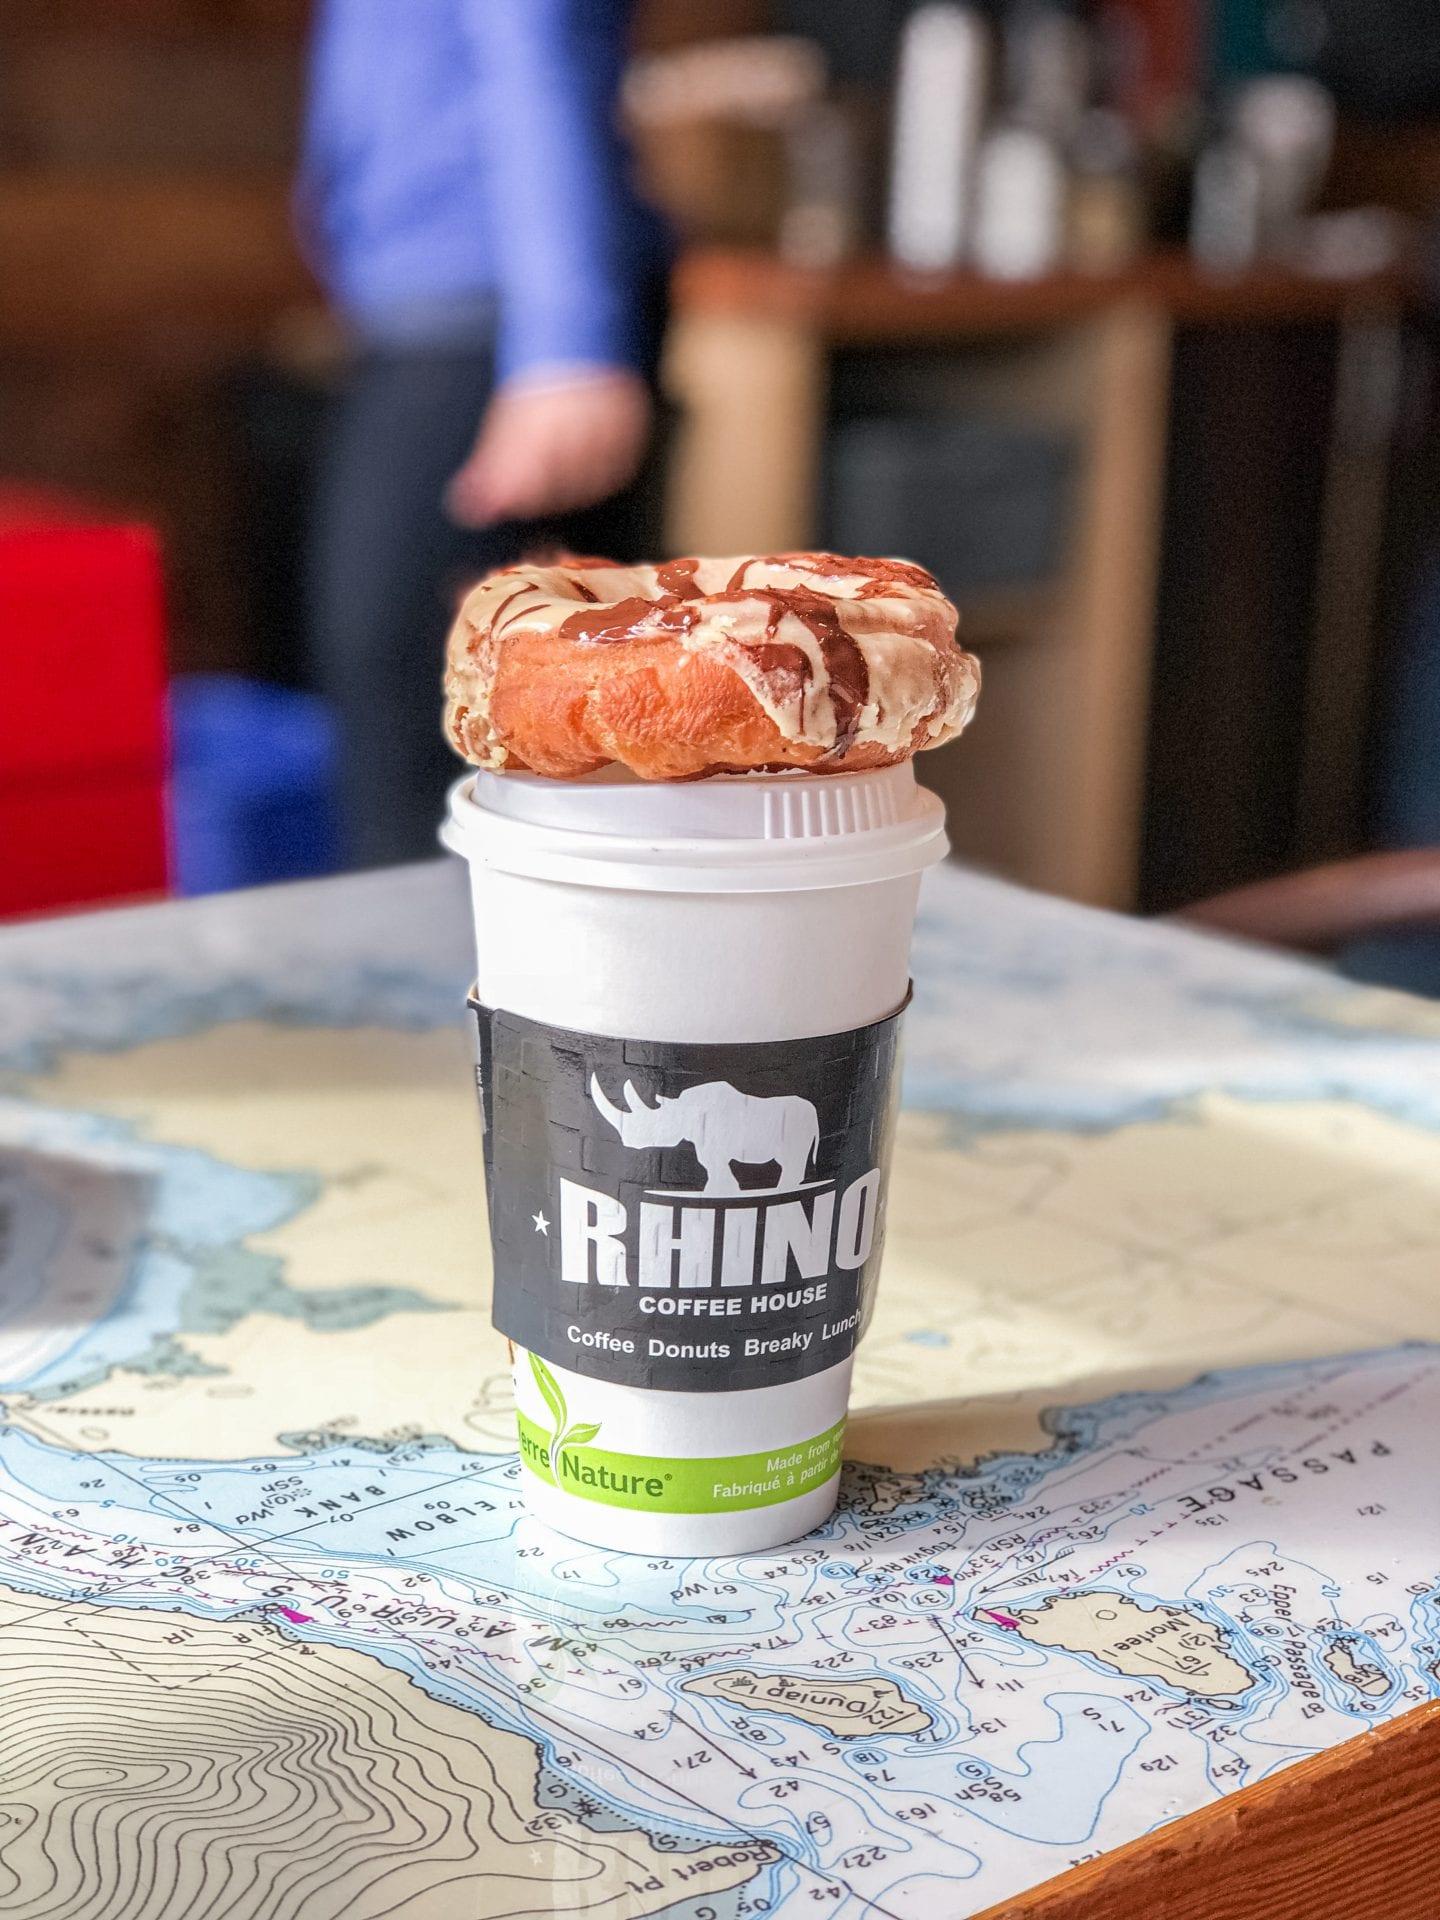 Rhino Coffee, Tofino, BC Vancouver Island Canada